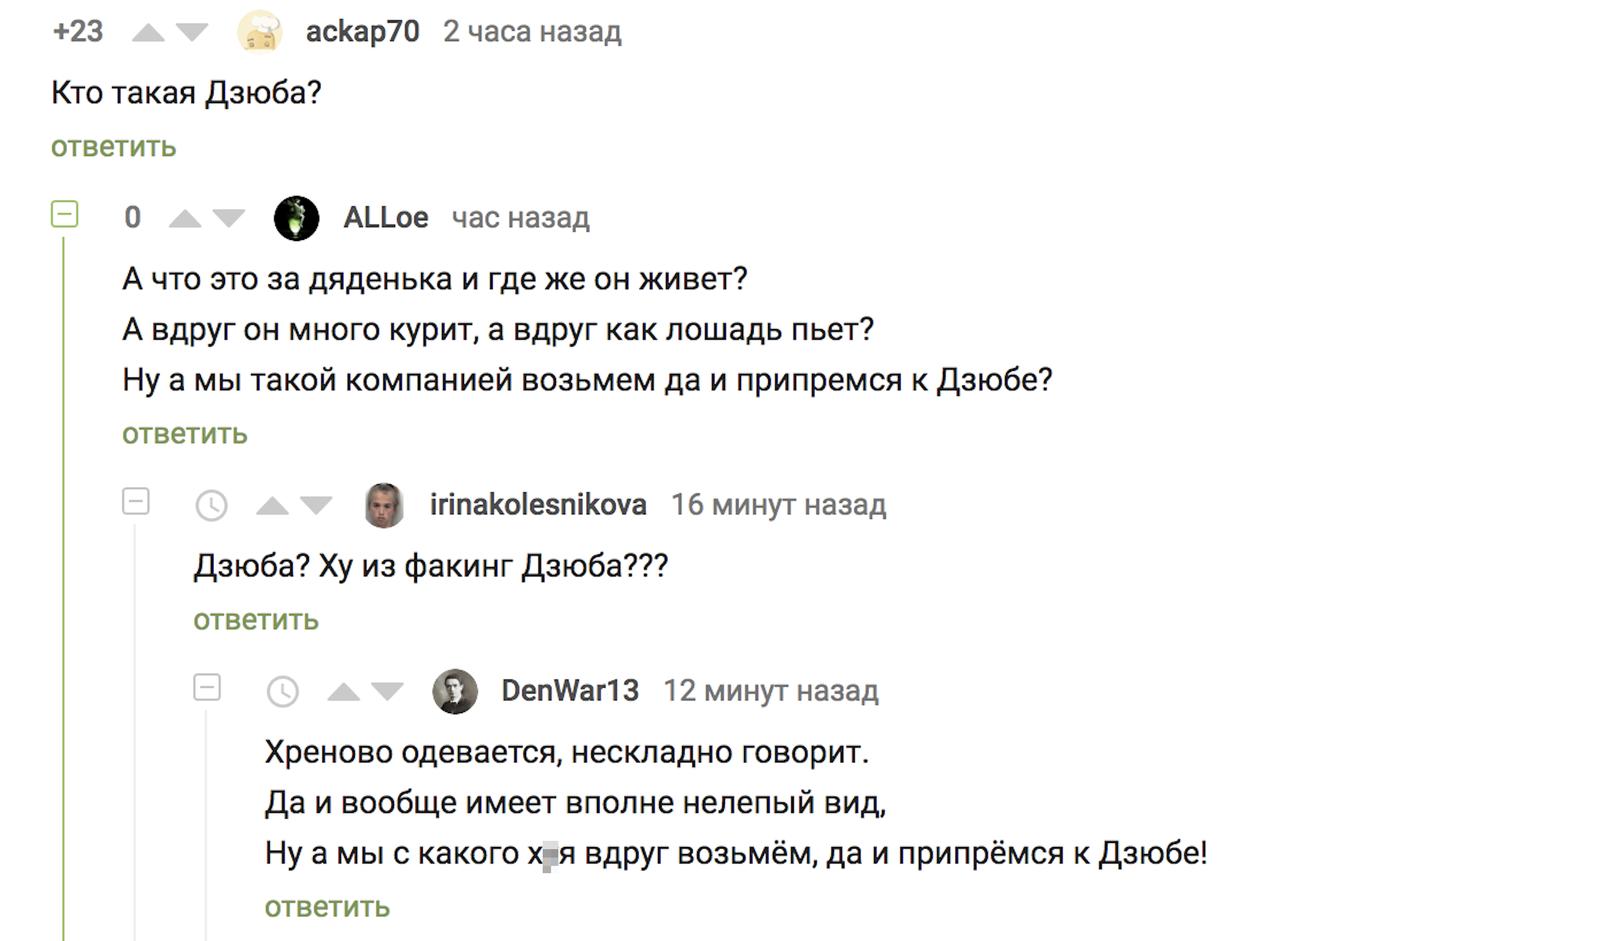 """Артем дзюба: """"березуцких в детстве ругали, били и даже пытались поджечь?"""""""